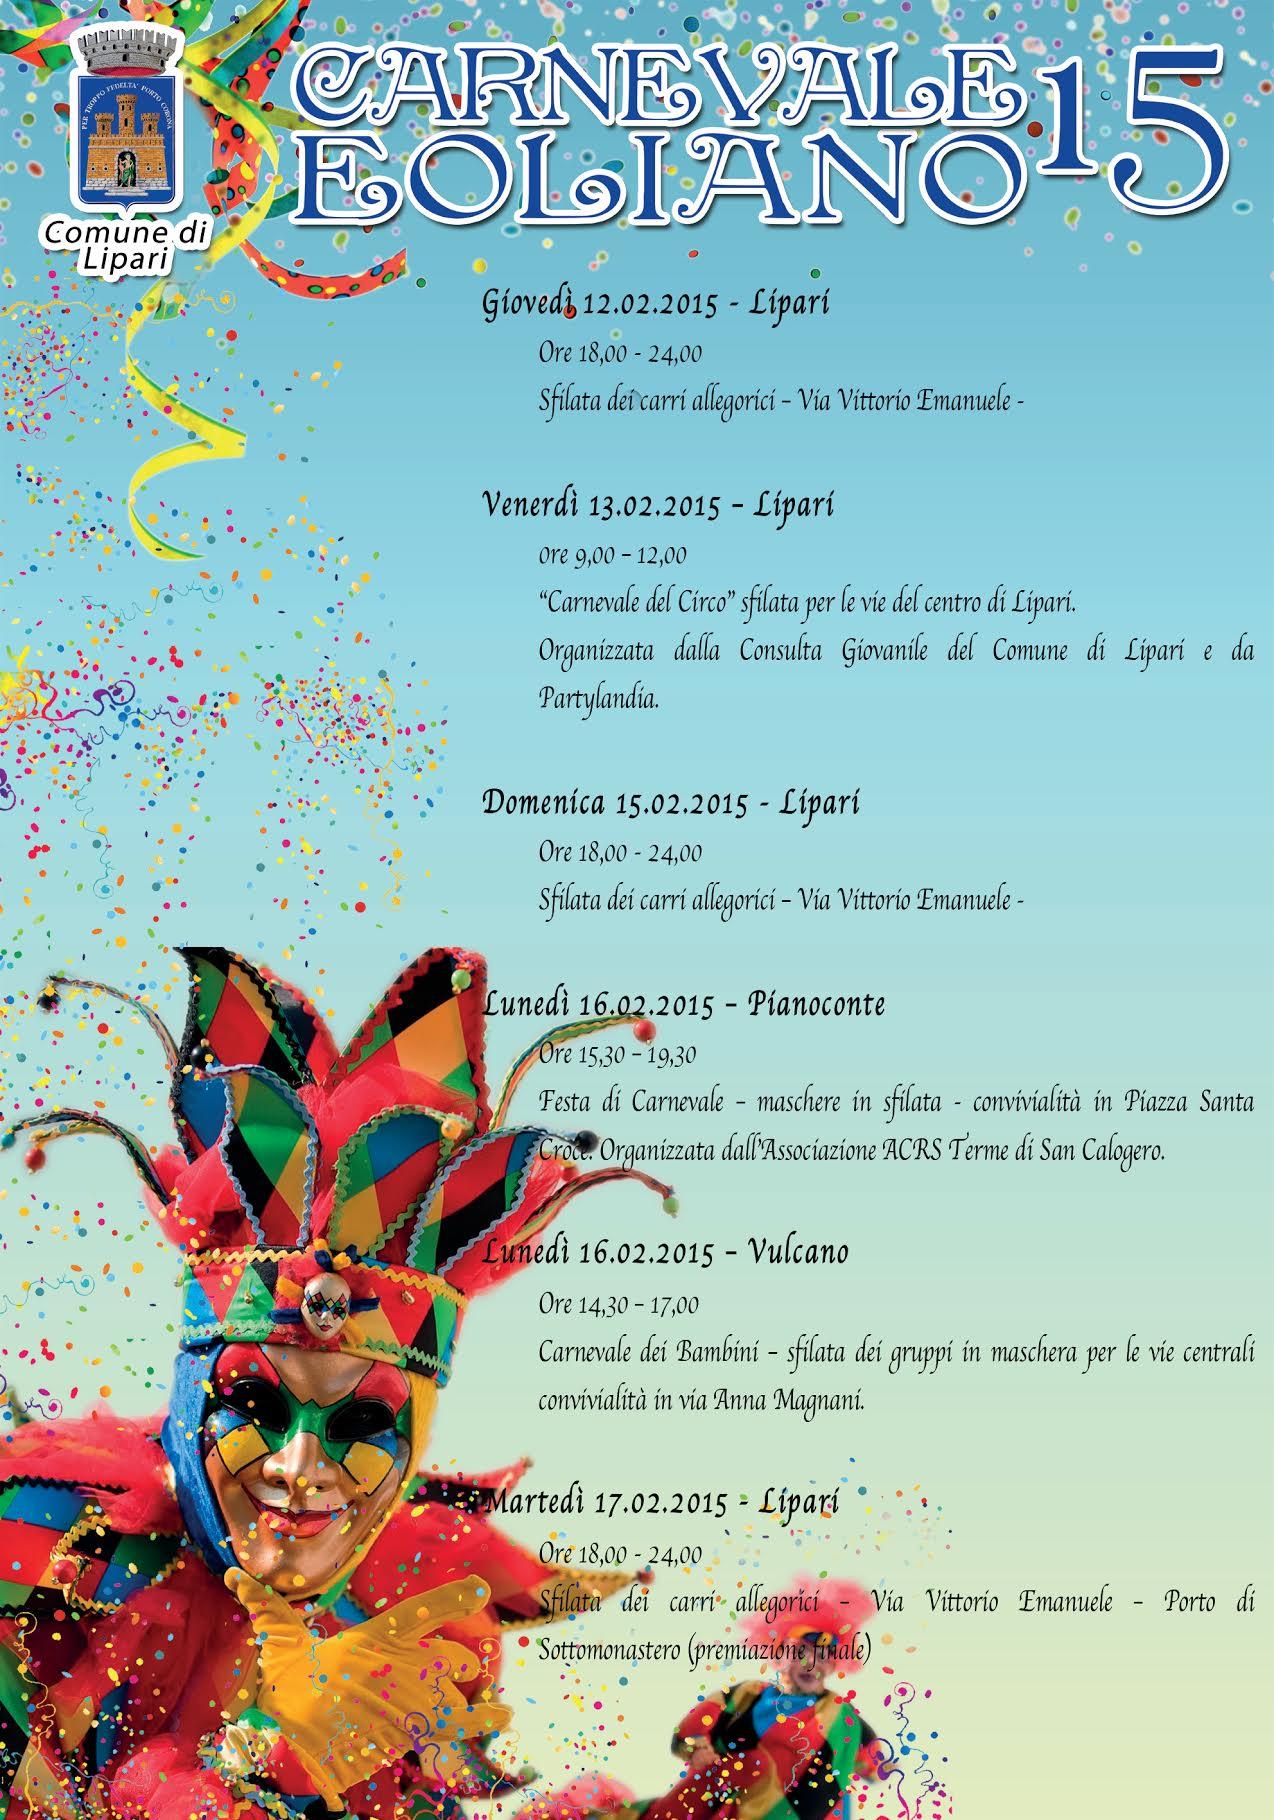 Carnevale eoliano 2015: tutto pronto per i festeggiamenti